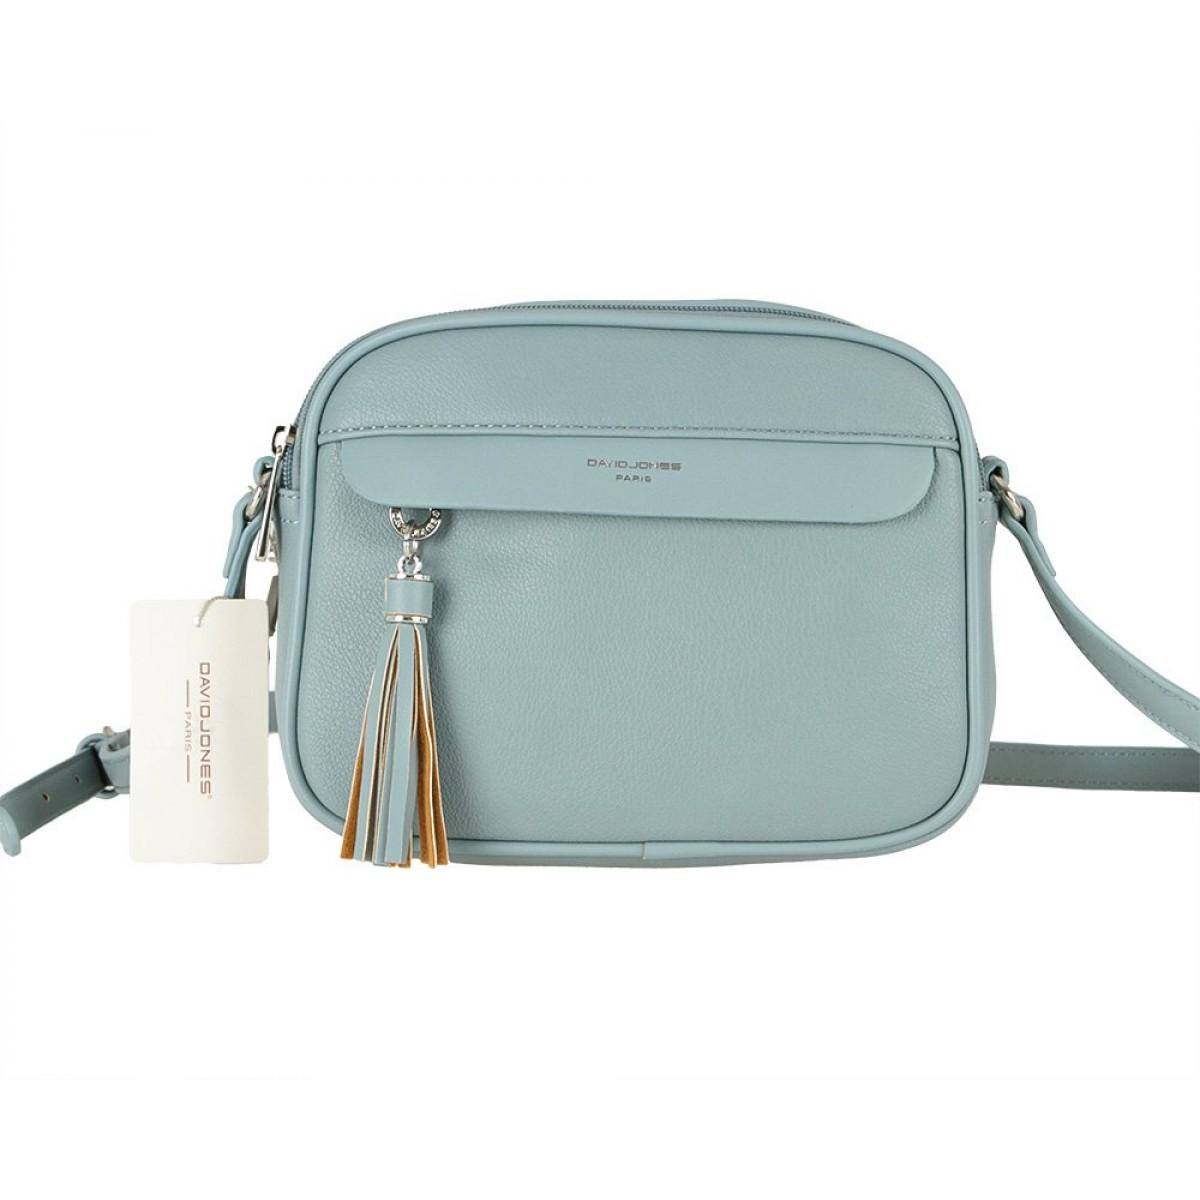 Жіноча сумка David Jones 6313-1 L.BLUE